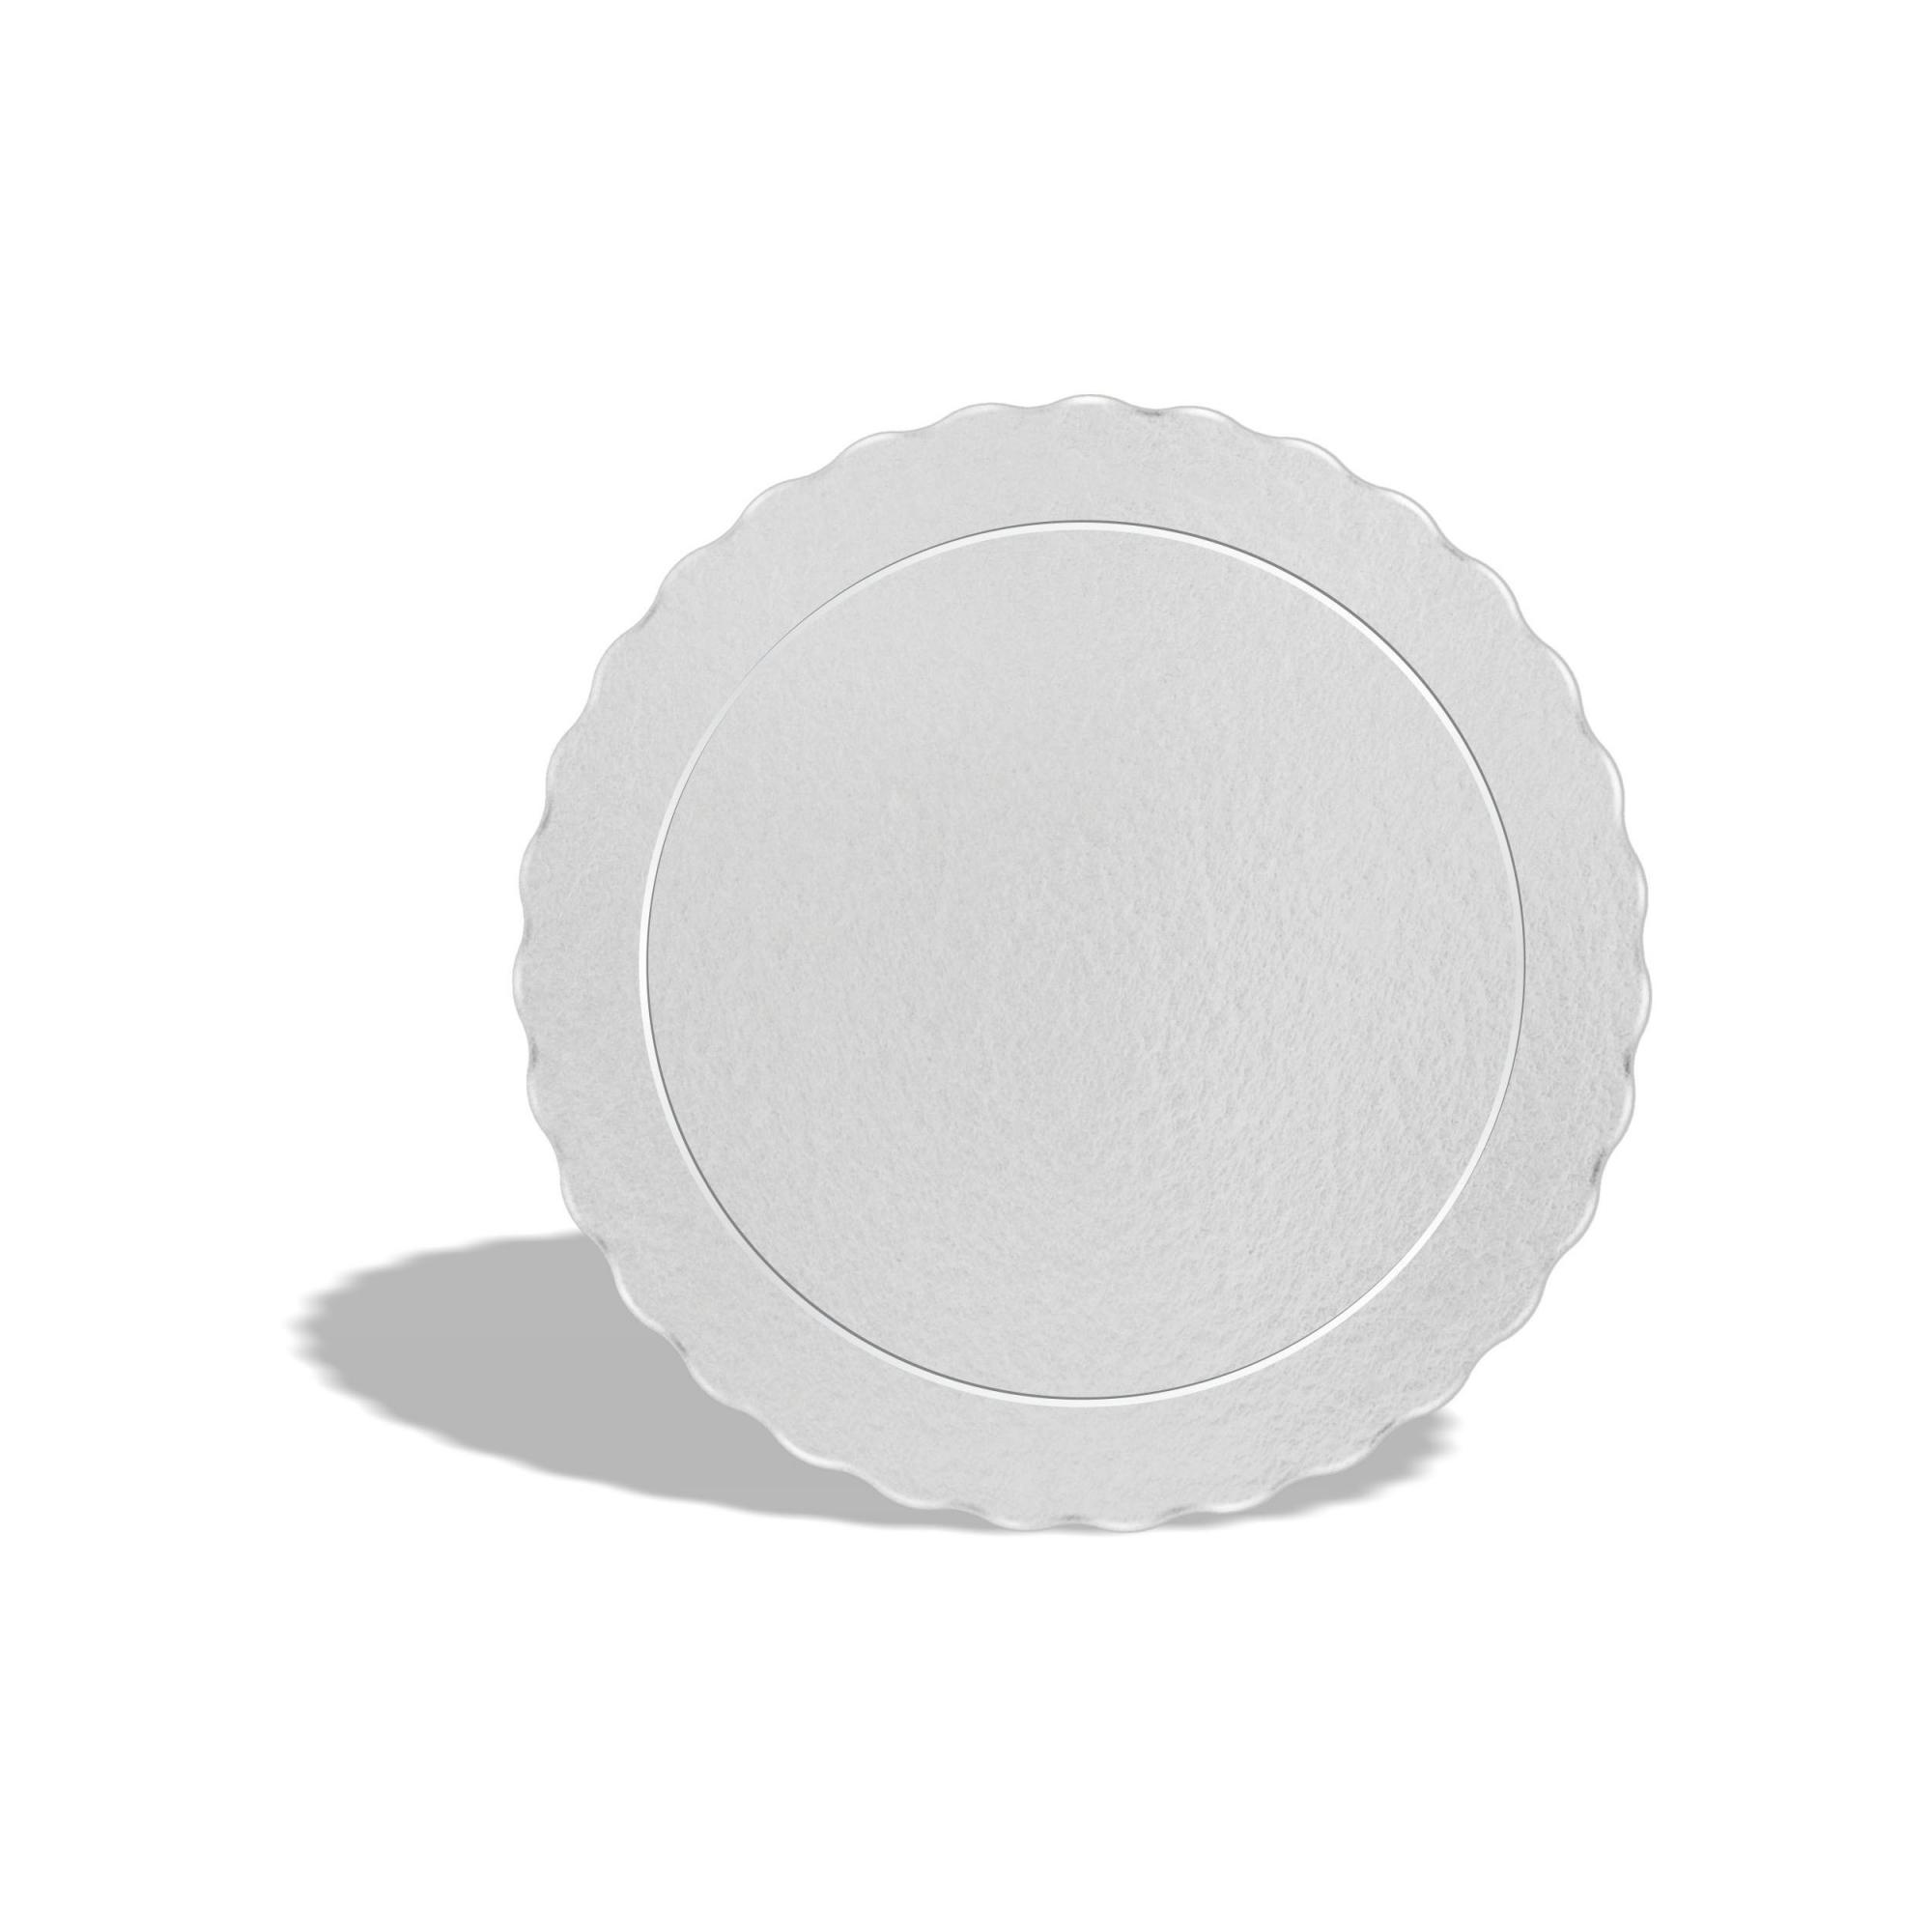 200 Bases Laminadas Para Bolo Redondo, Cake Board 25cm - Branco